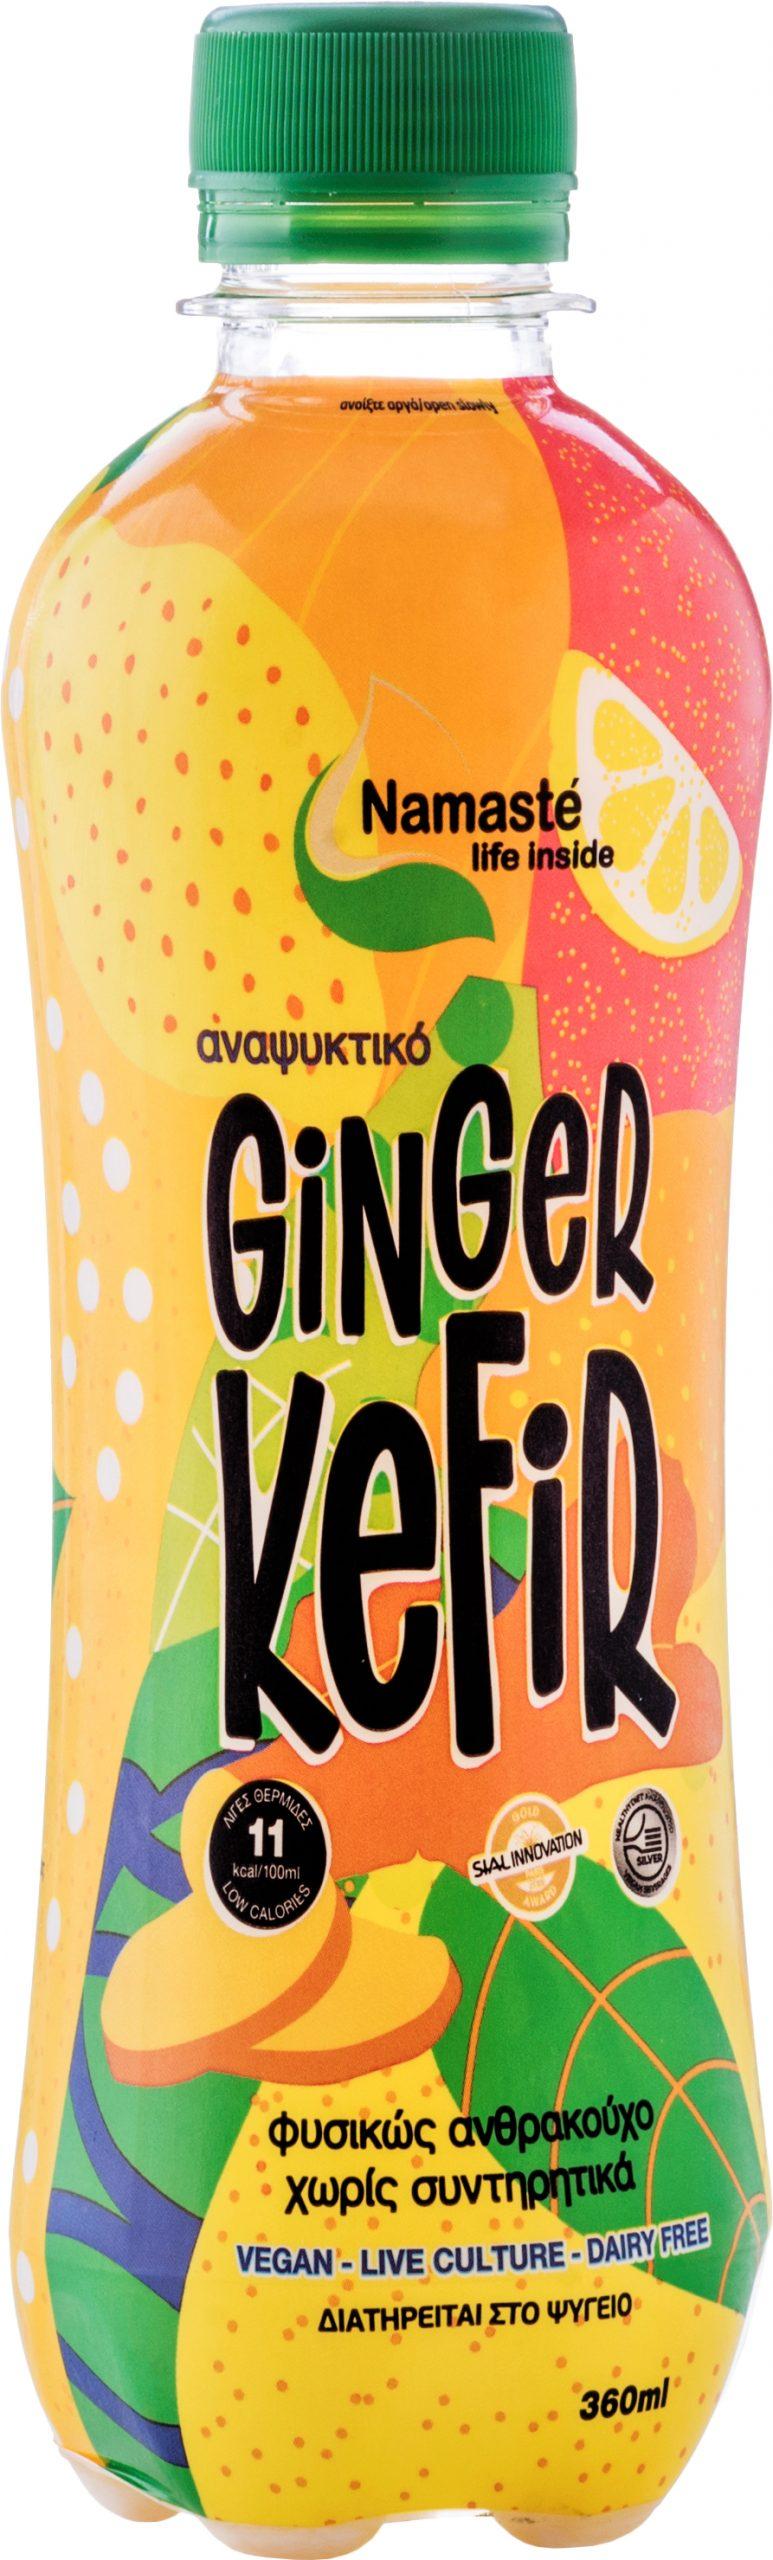 Ginger Kefir